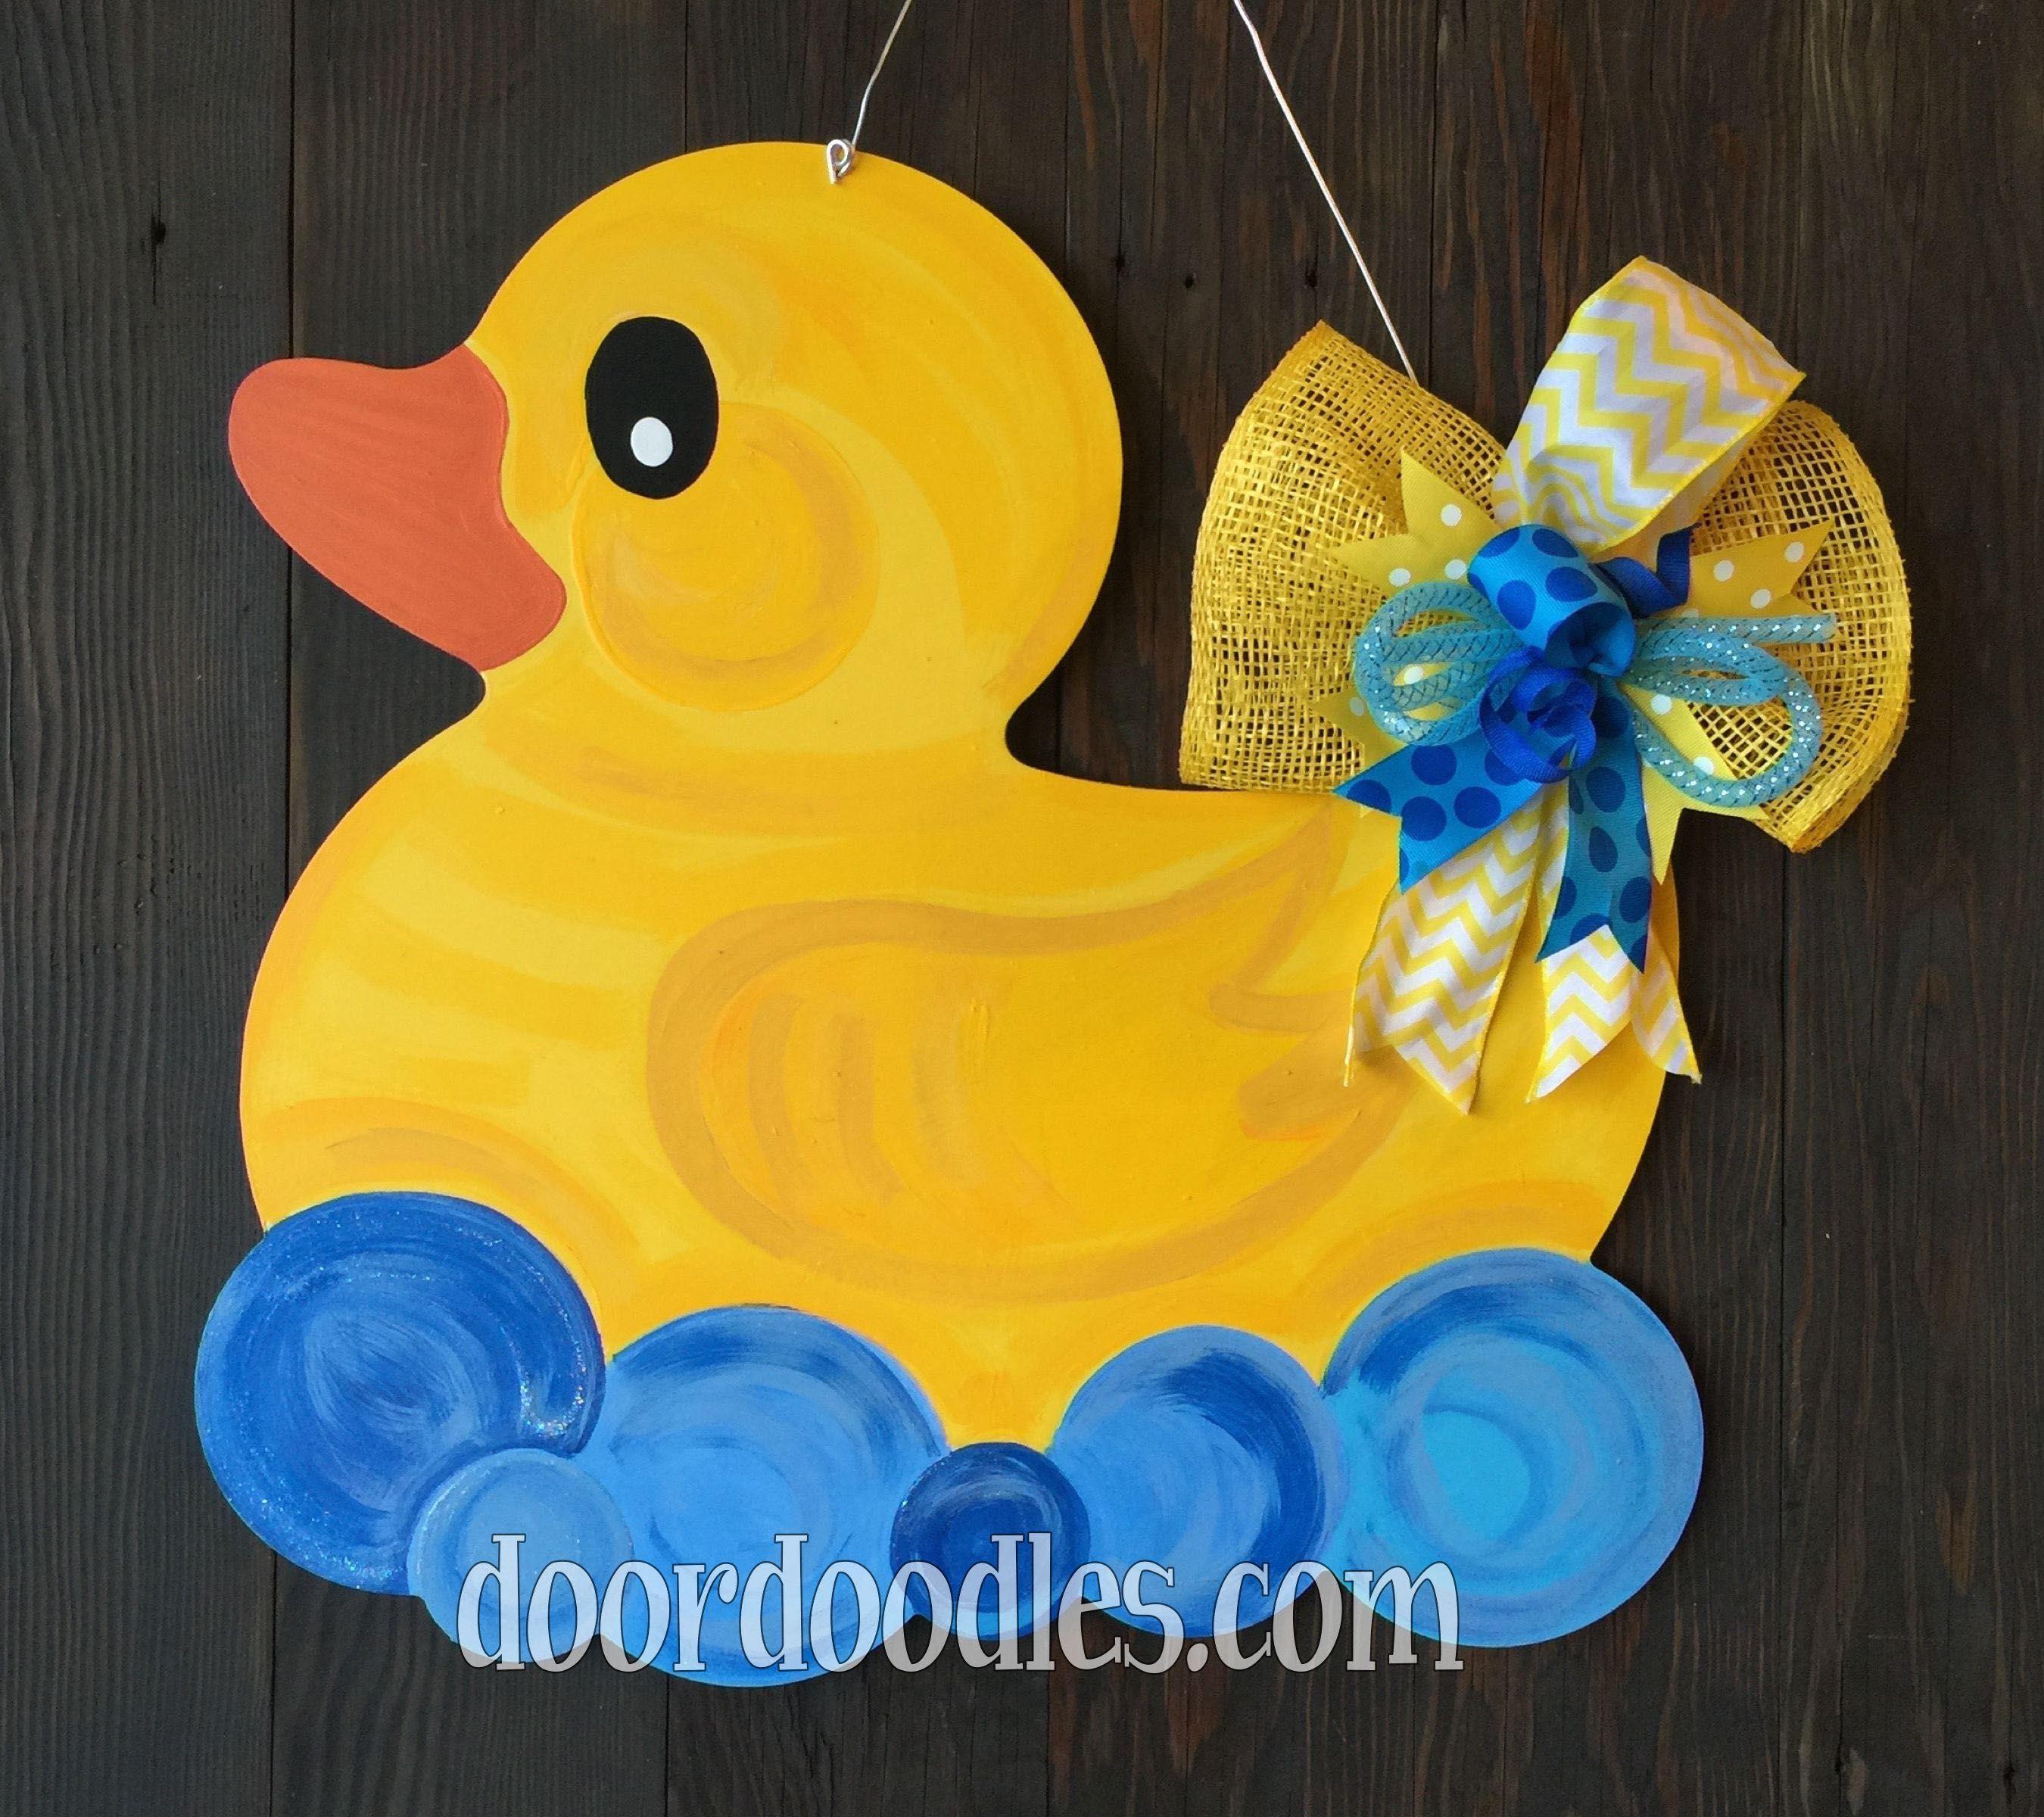 Decorative door hangers craft - Rubber Ducky Door Hanger Baby Shower Birth Announcement Hospital Front Door Decoration